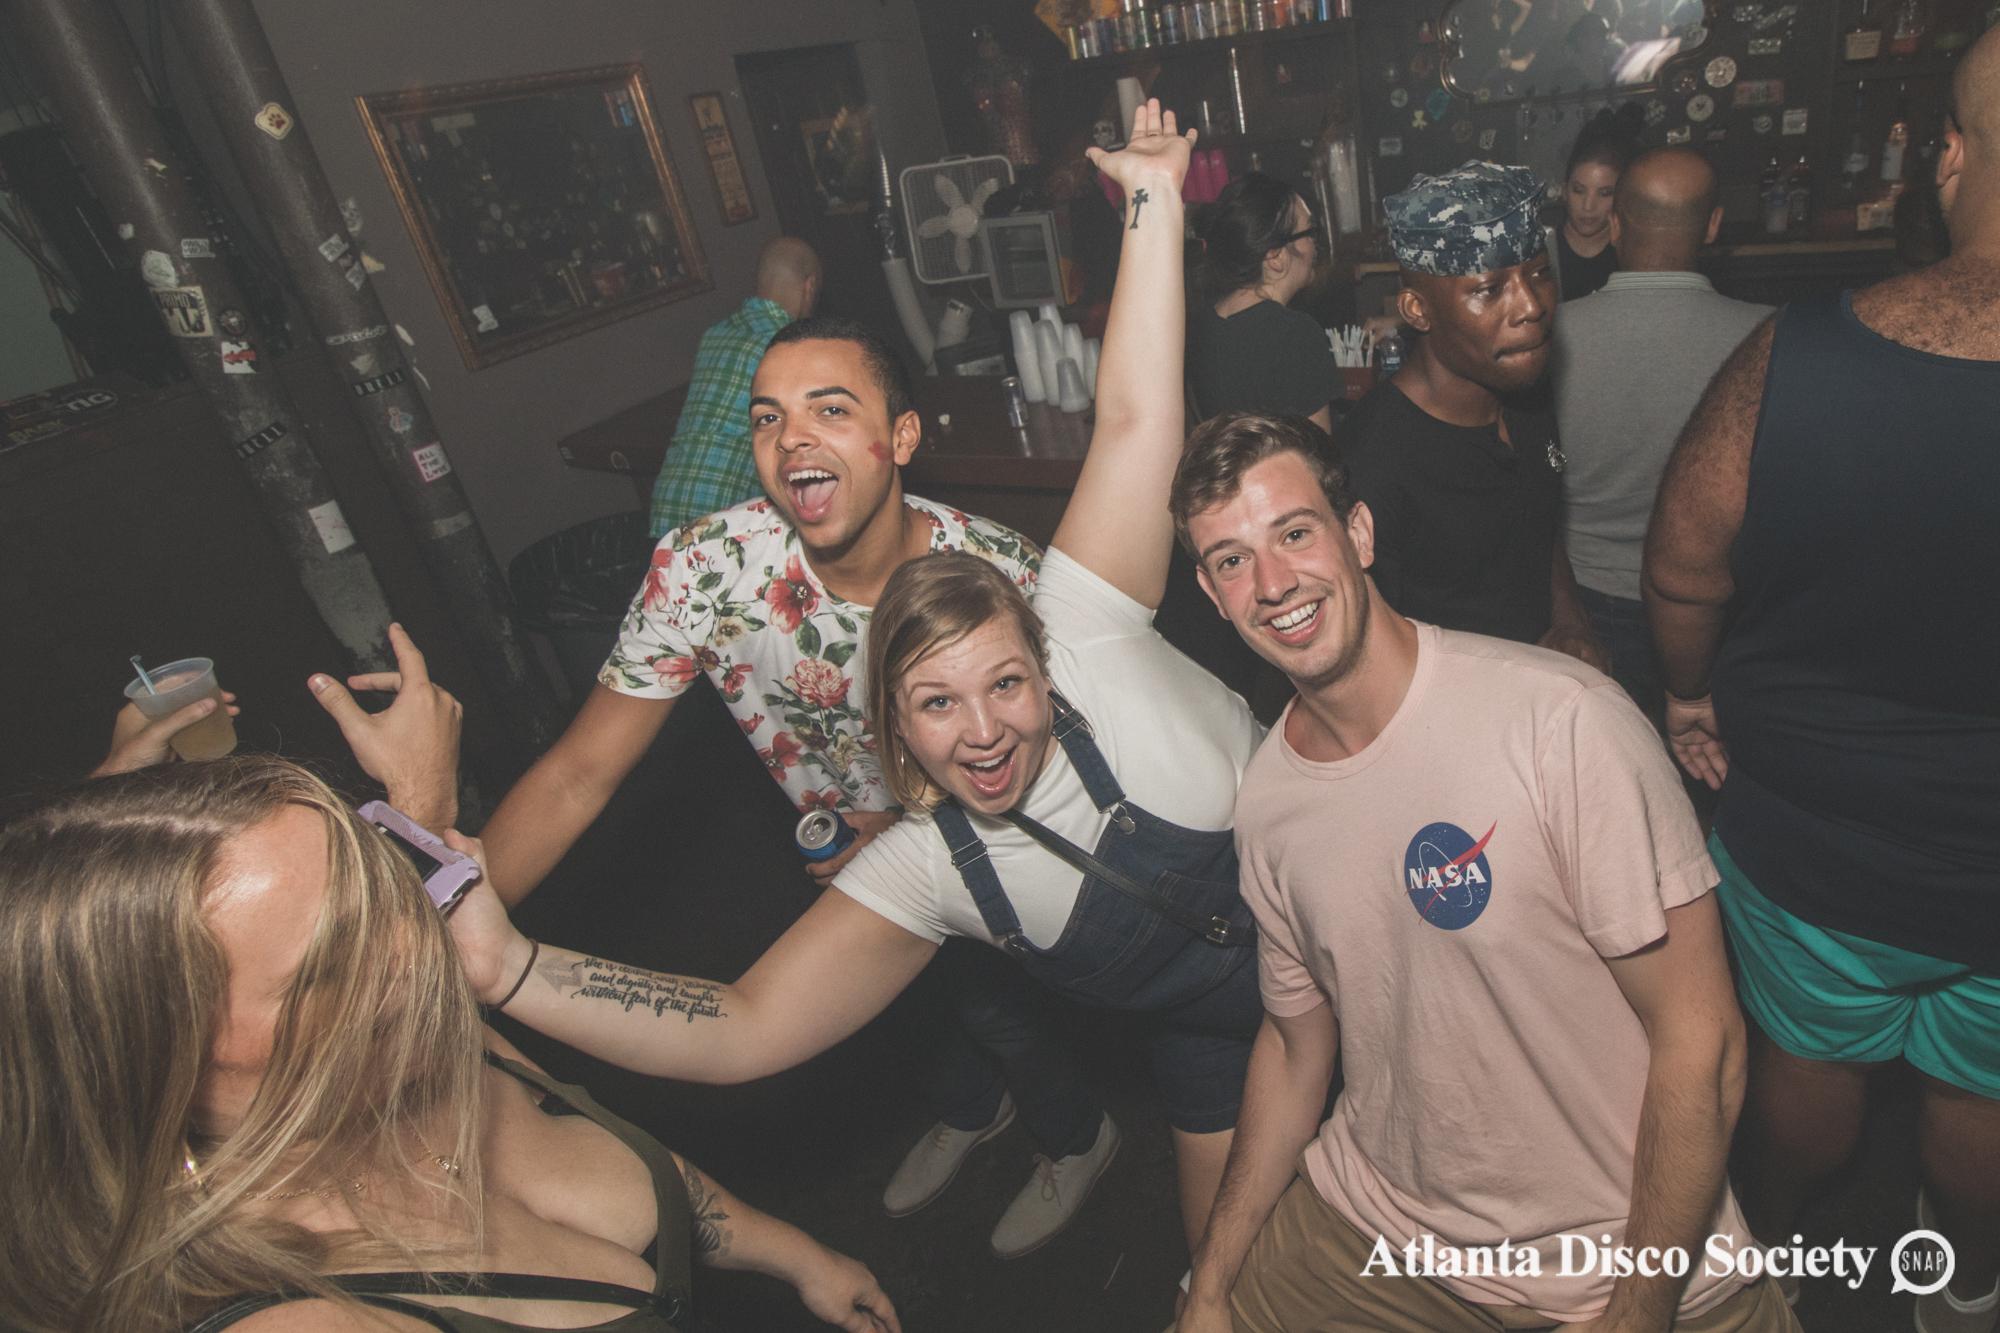 108Atlanta Disco Society Grace Kelly Oh Snap Kid 7.27.19.jpg